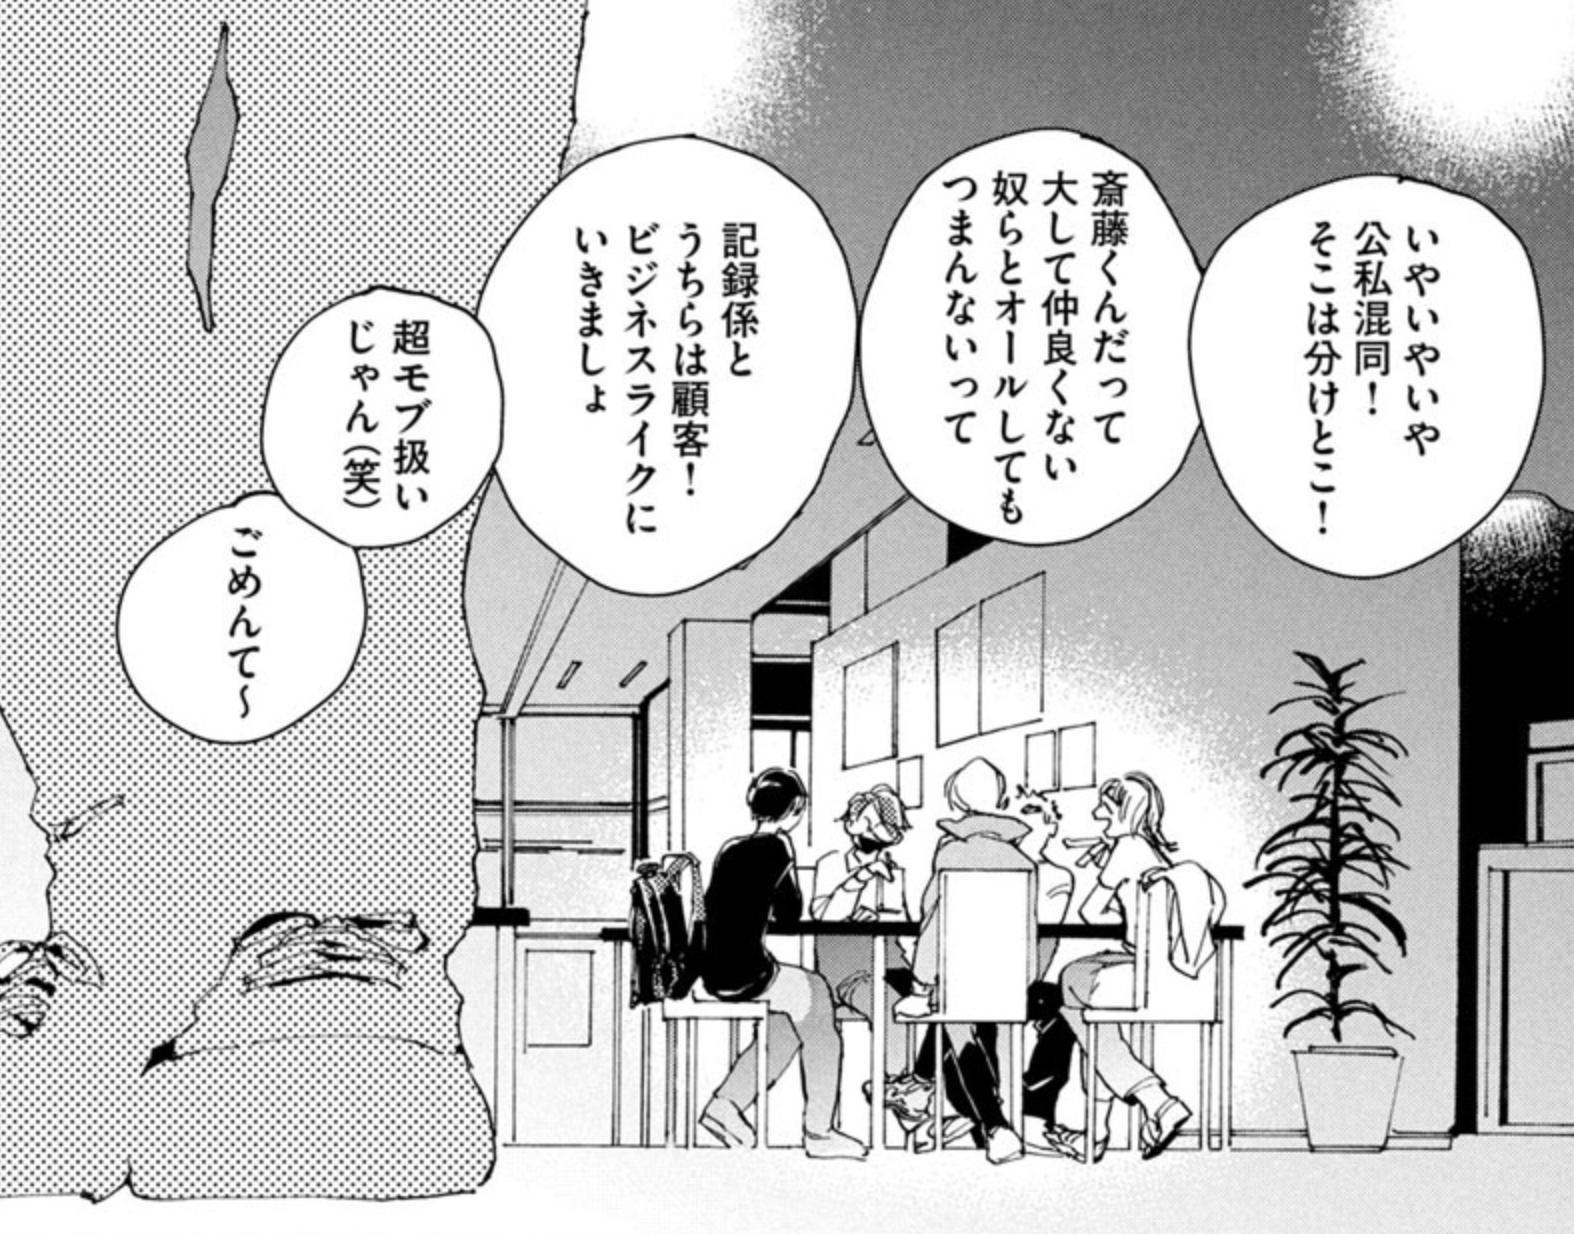 三浦風「スポットライト」第1話より(陽キャたちの会話)